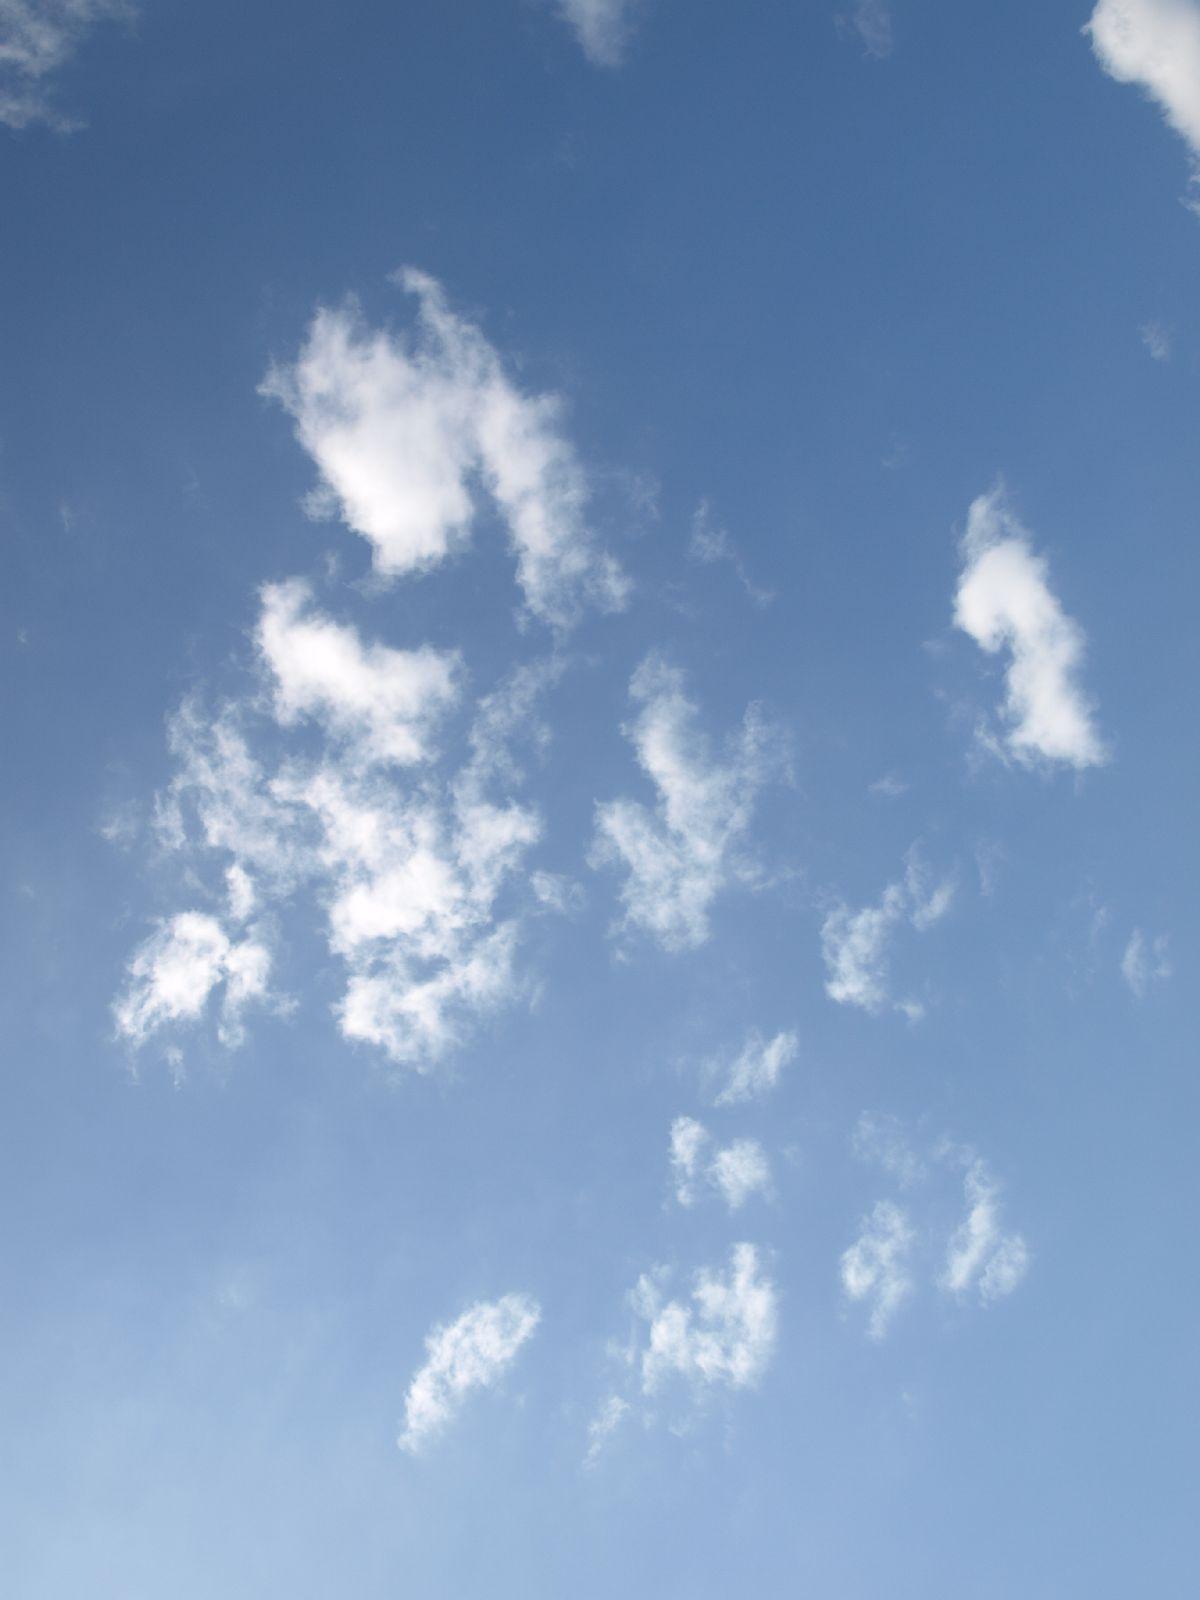 Himmel-Wolken-Foto_Textur_A_P5265193